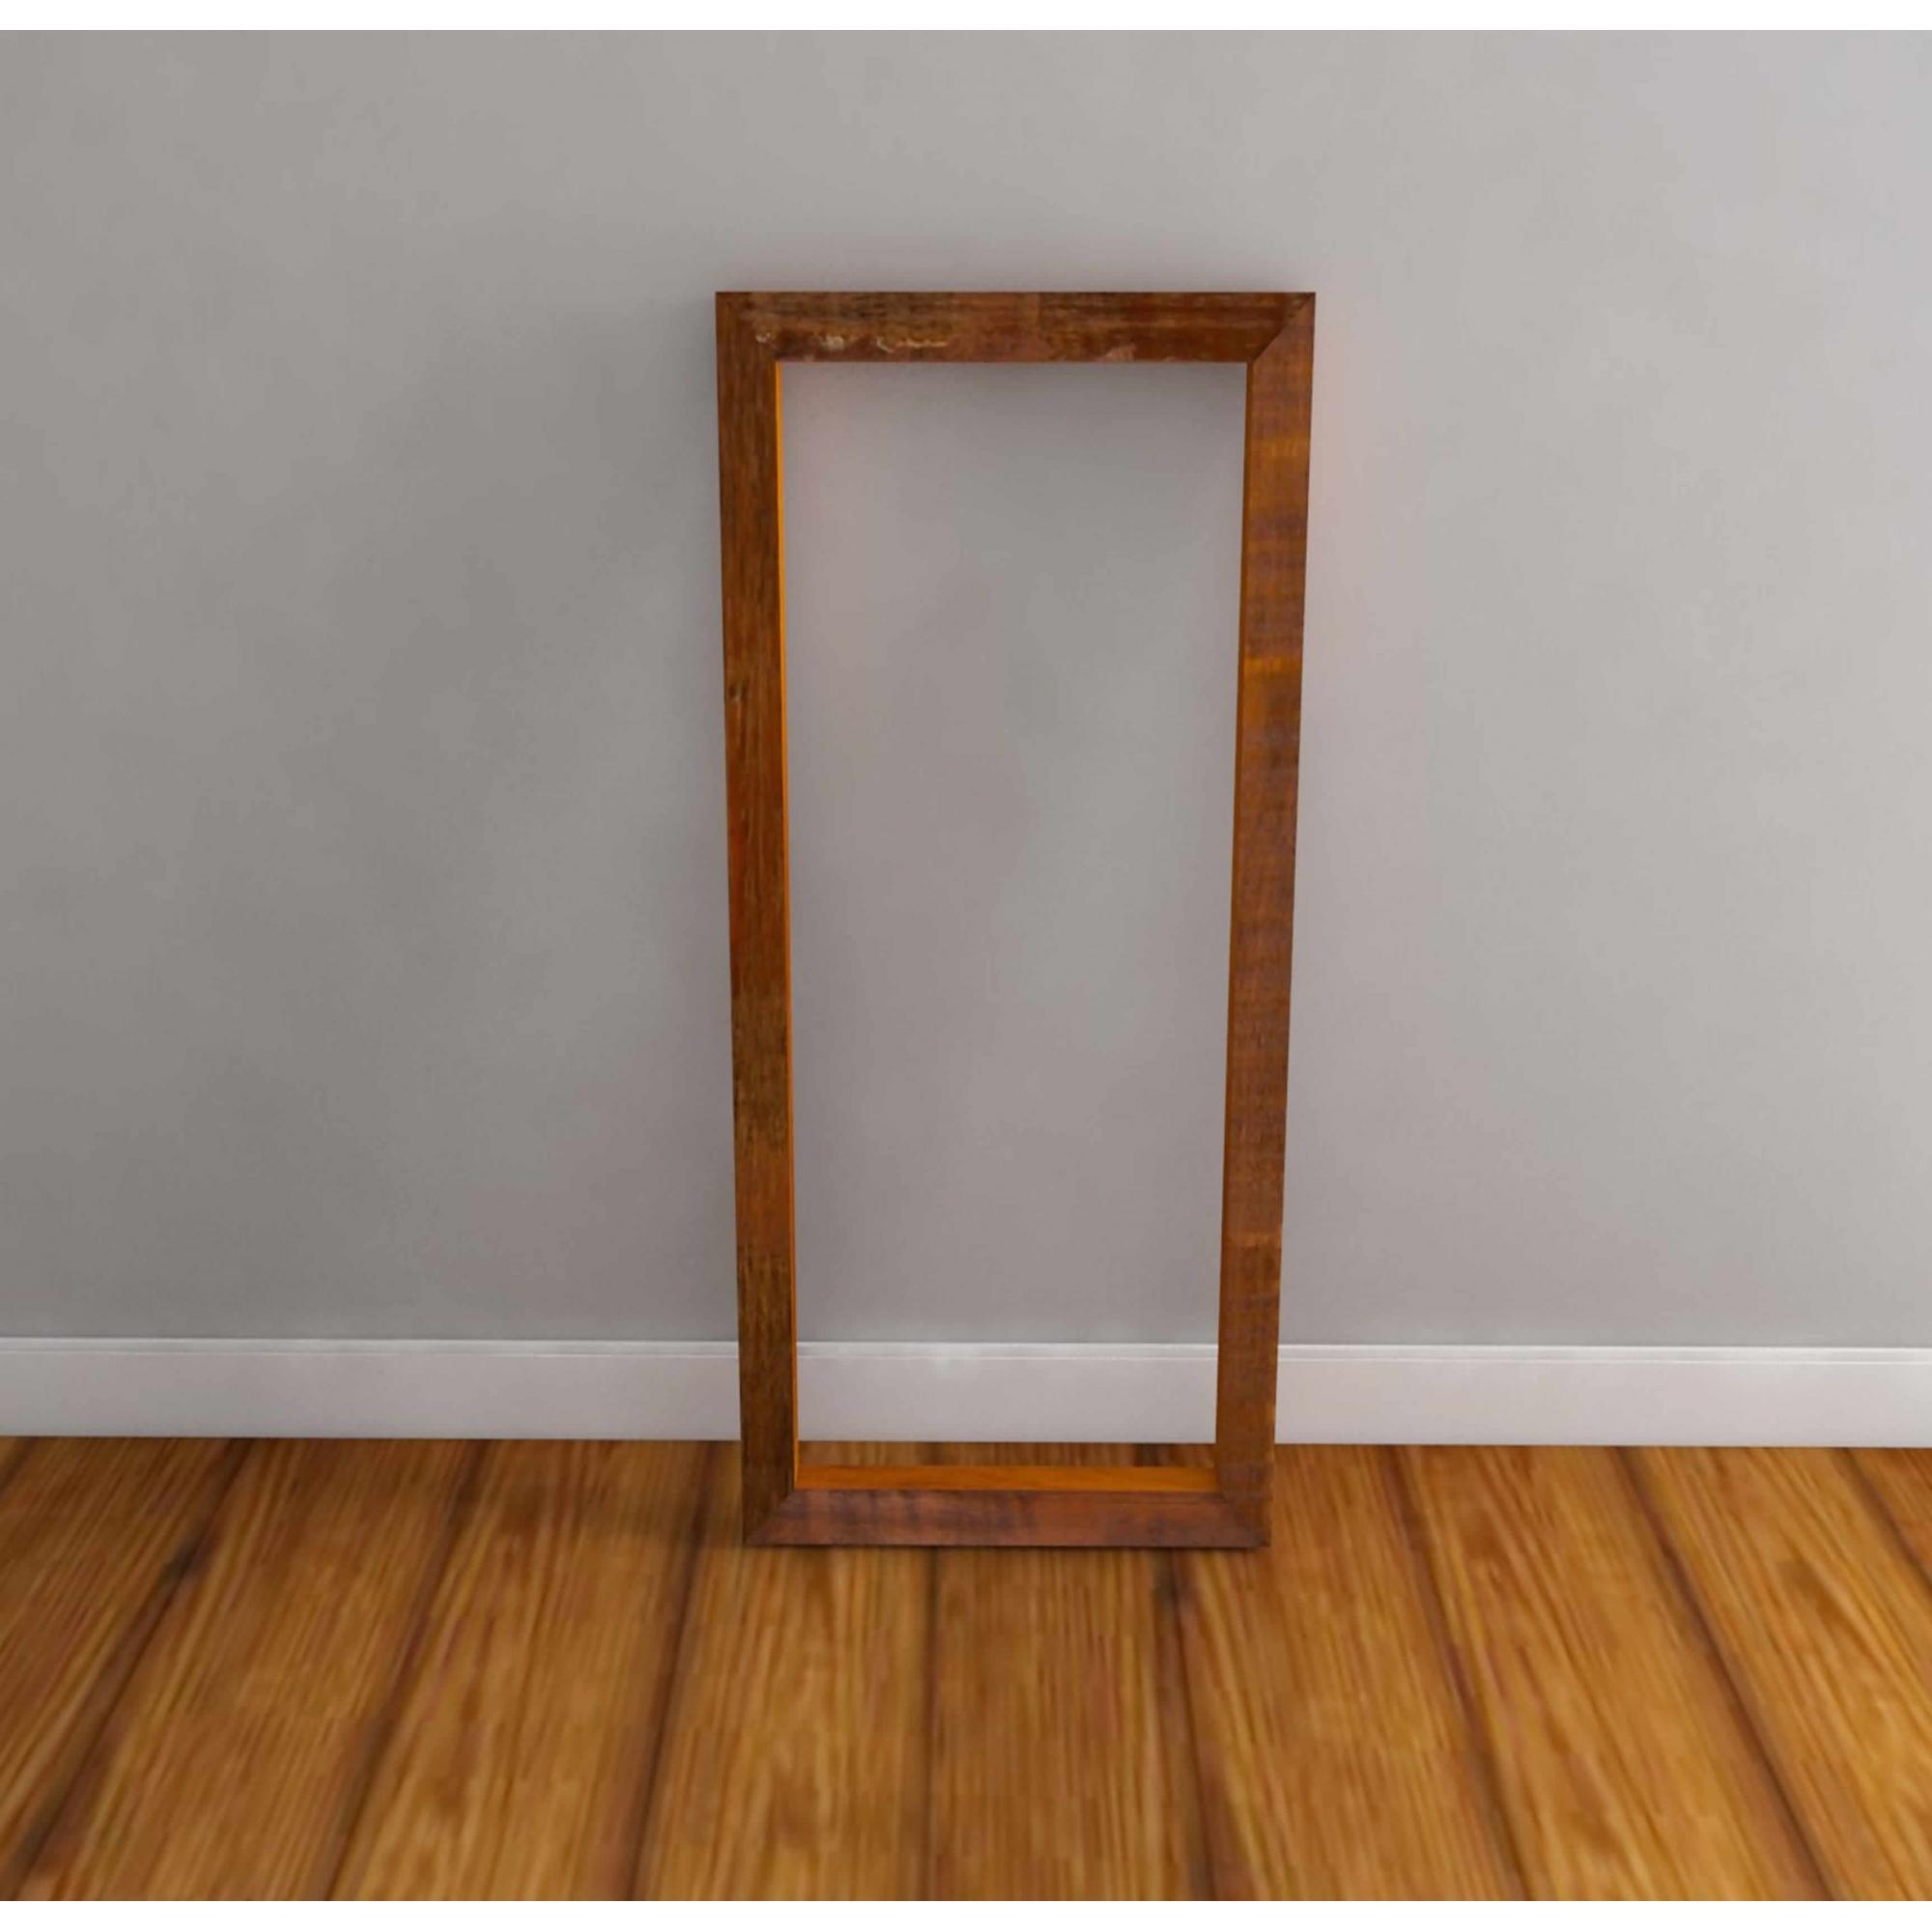 Moldura Para Espelho Rústica Em Madeira De Demolição 2,00x90